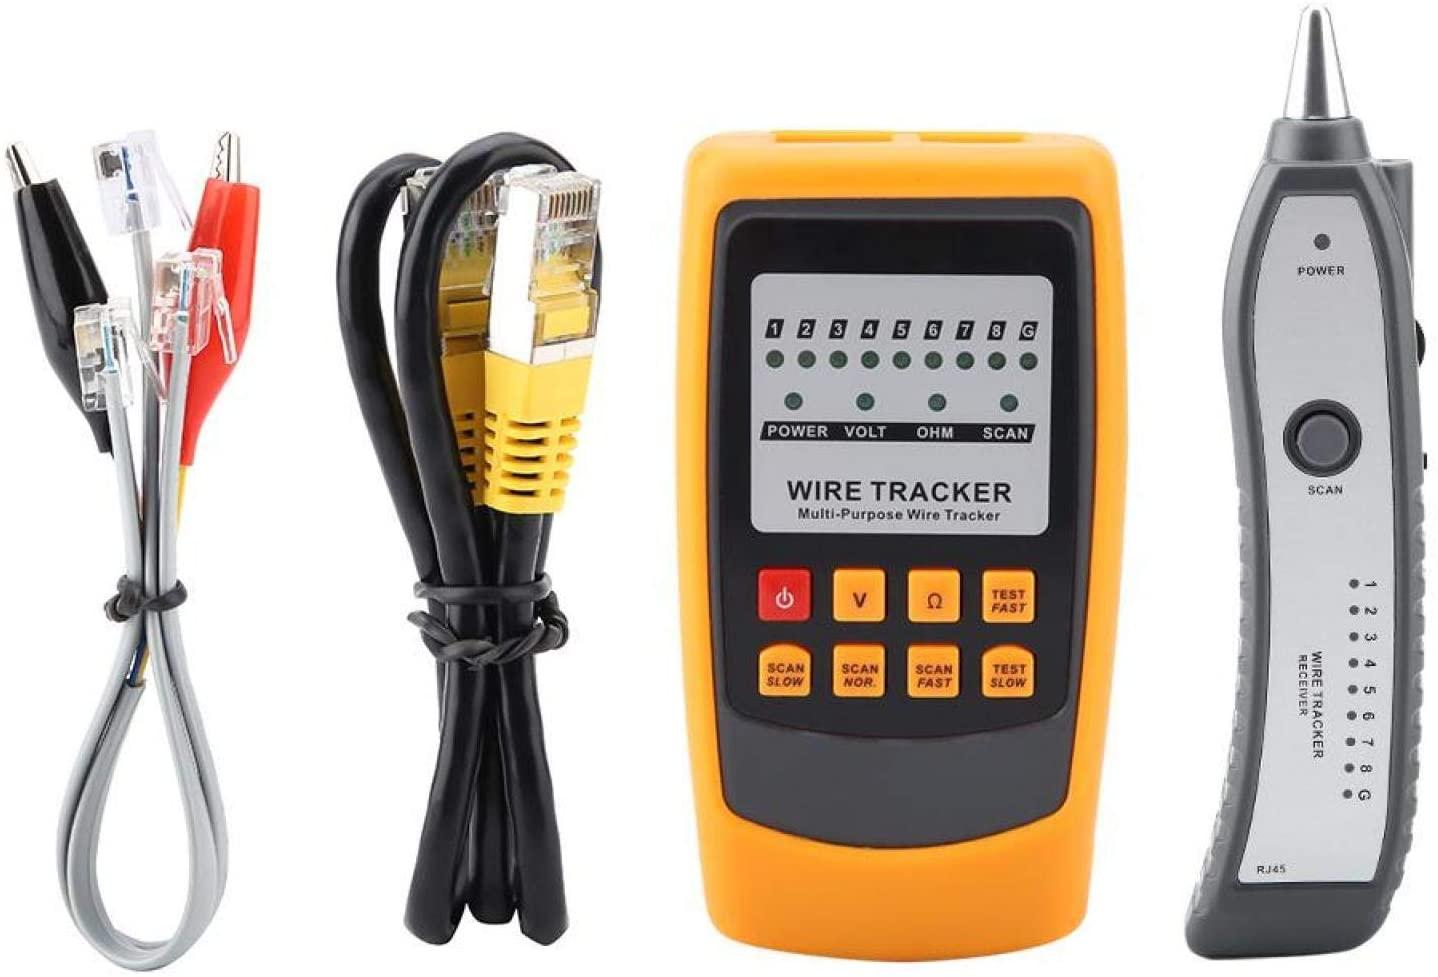 케이블 트래커 전기 라인 파인더 와이어 트래커 연속성 검사를위한 핸드 헬드 신속한 이더넷 LAN LCD 디스플레이